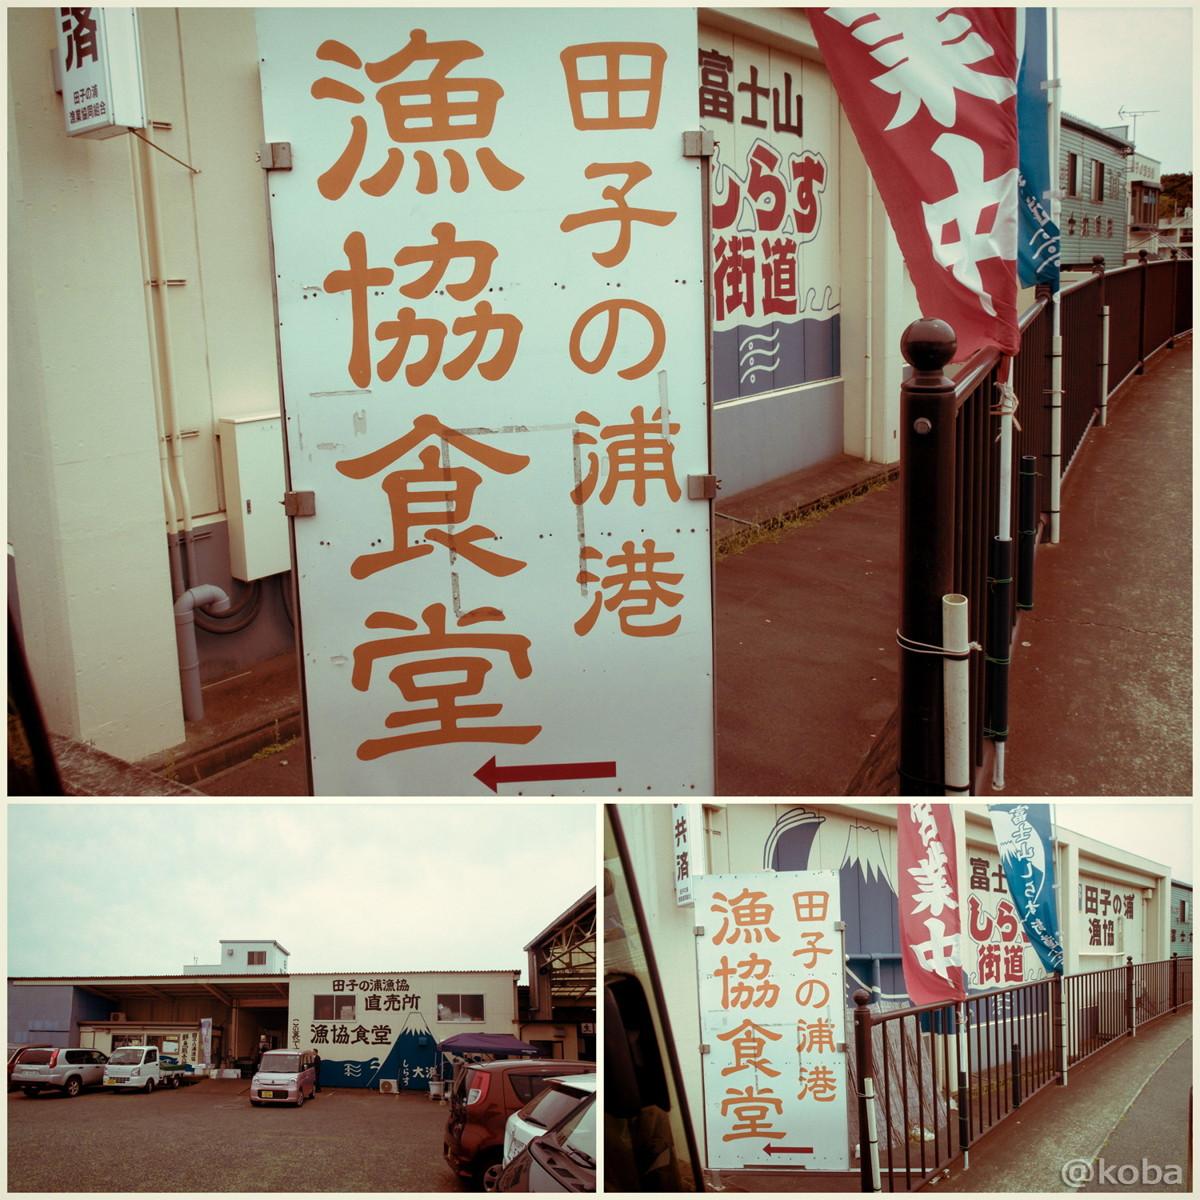 外観 駐車場 │静岡 田子の浦港(たごのうらこう) 漁協食堂│海鮮料理 漁港 ブログ